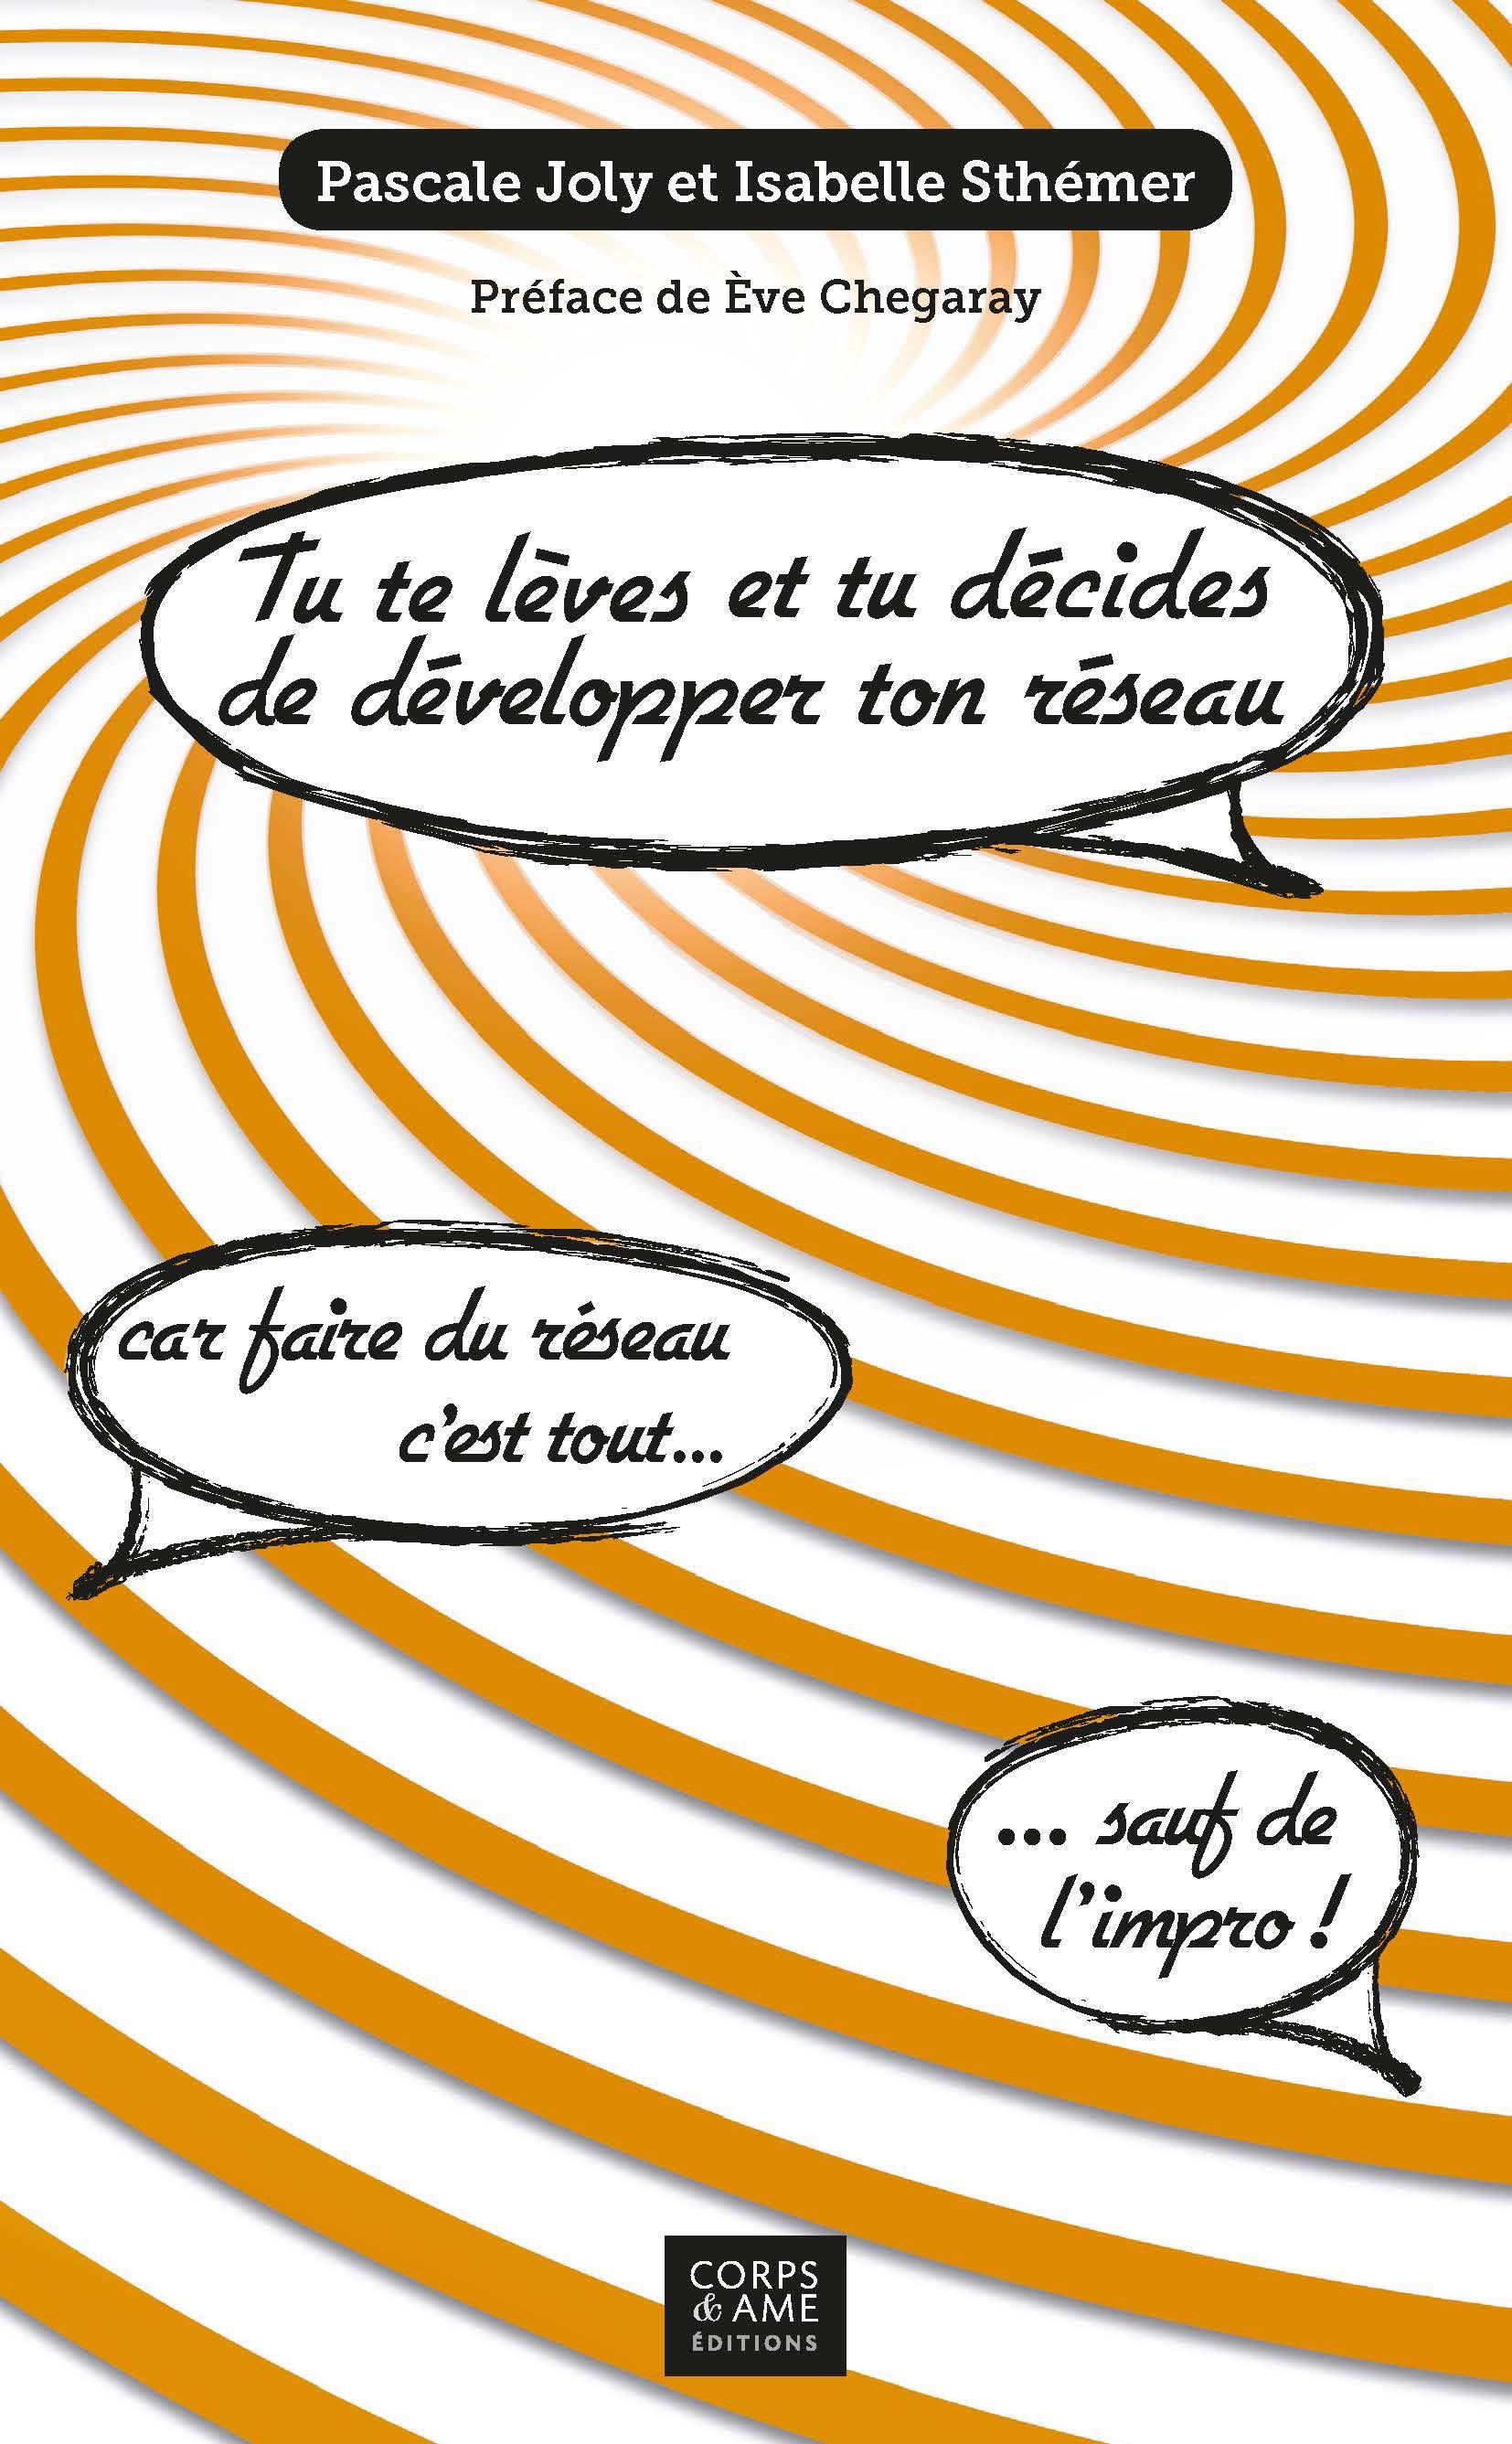 Tu te lèves et tu décides de développer ton réseau !, CAR FAIRE DU RÉSEAU, C'EST TOUT... SAUF DE L'IMPRO !